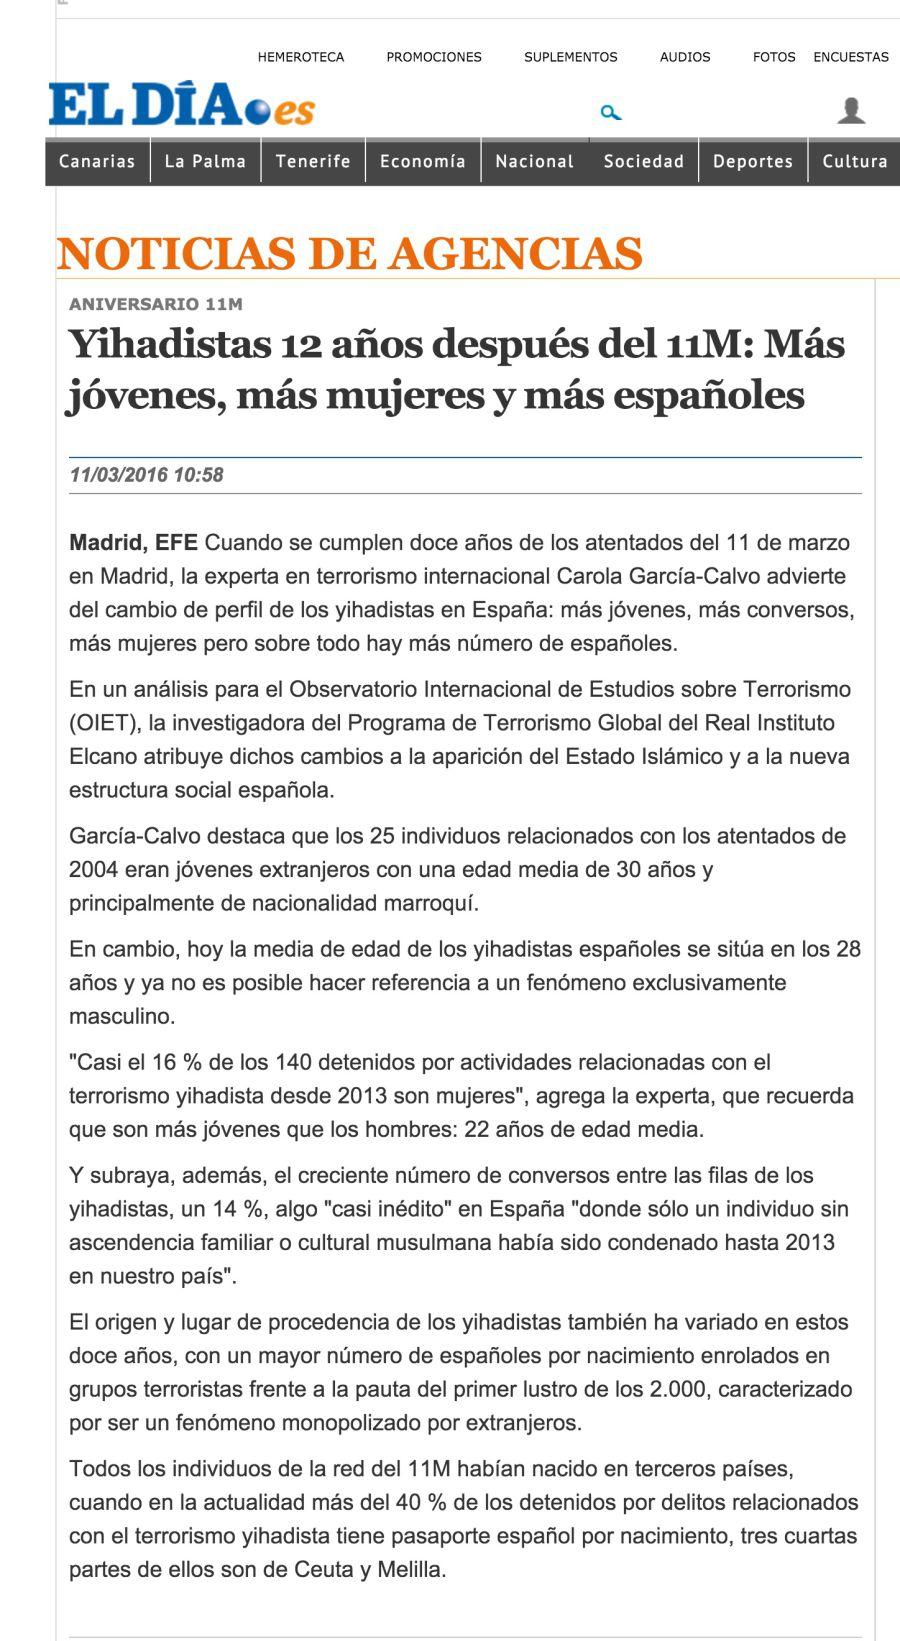 screencapture-eldia-es-agencias-8583585-ANIVERSARIO-11M-Yihadistas-anos-despues-11M-jovenes-mujeres-espanoles-1457974901296